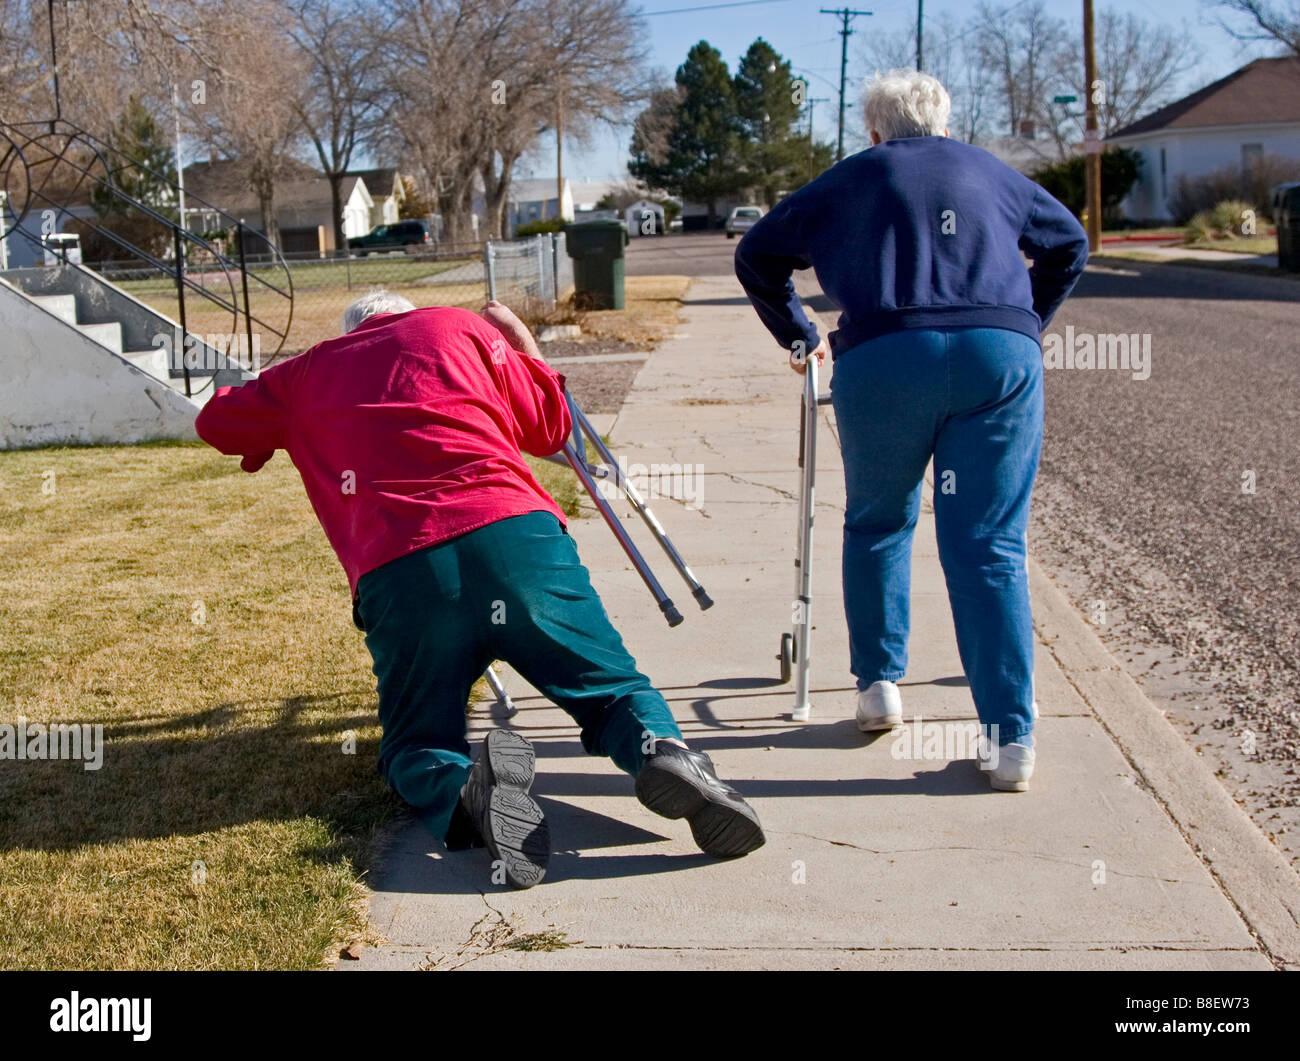 Deux personnes âgées personnes âgées à pied à l'aide de marcheurs, le déclenchement de la femme l'homme qui s'écroule, drôle, 1 sur 4 dans la série Banque D'Images